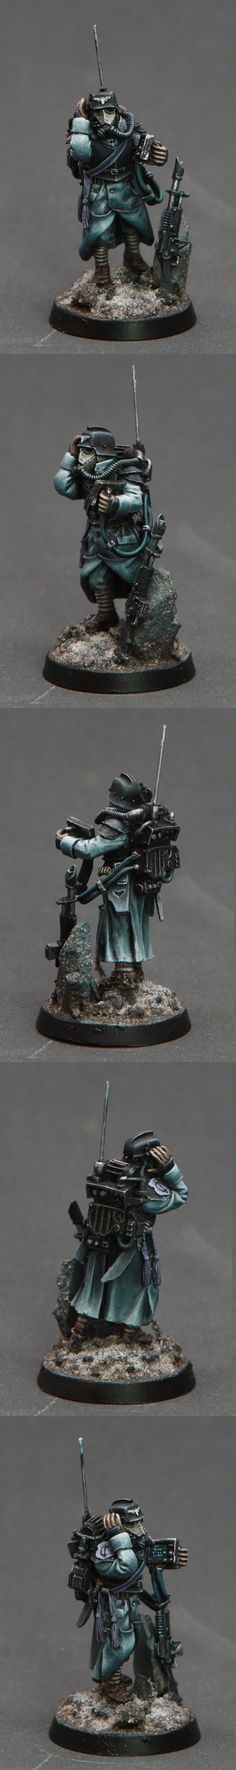 Death Korps of Krieg - Vox Operator